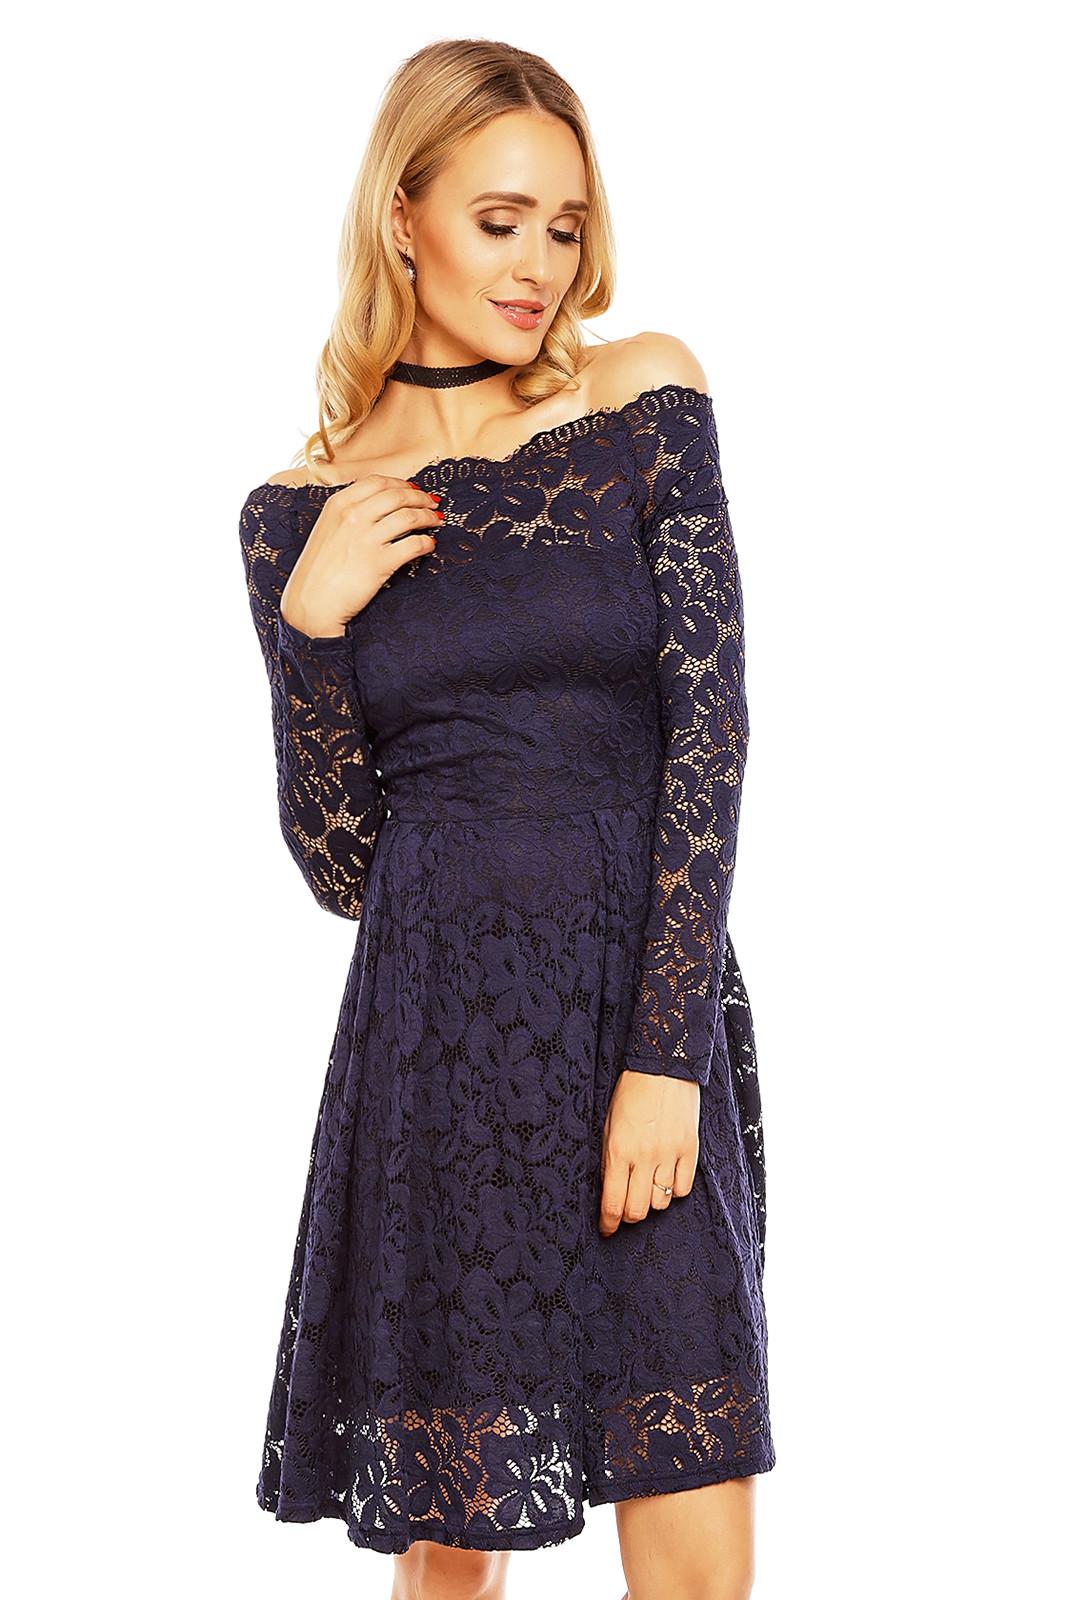 59446178895a MAYAADI Dámské krajkové šaty s dlouhým rukávem a lodičkovým výstřihem tmavě  modré